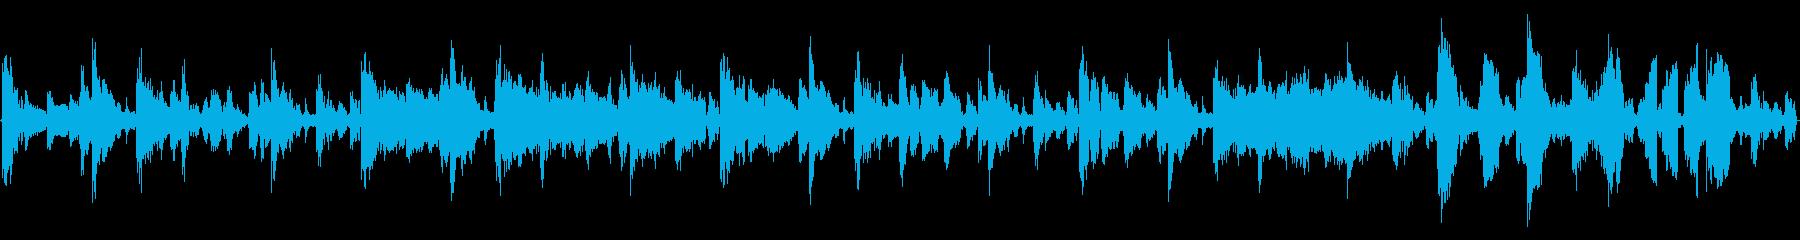 シンプルなダブステップの再生済みの波形